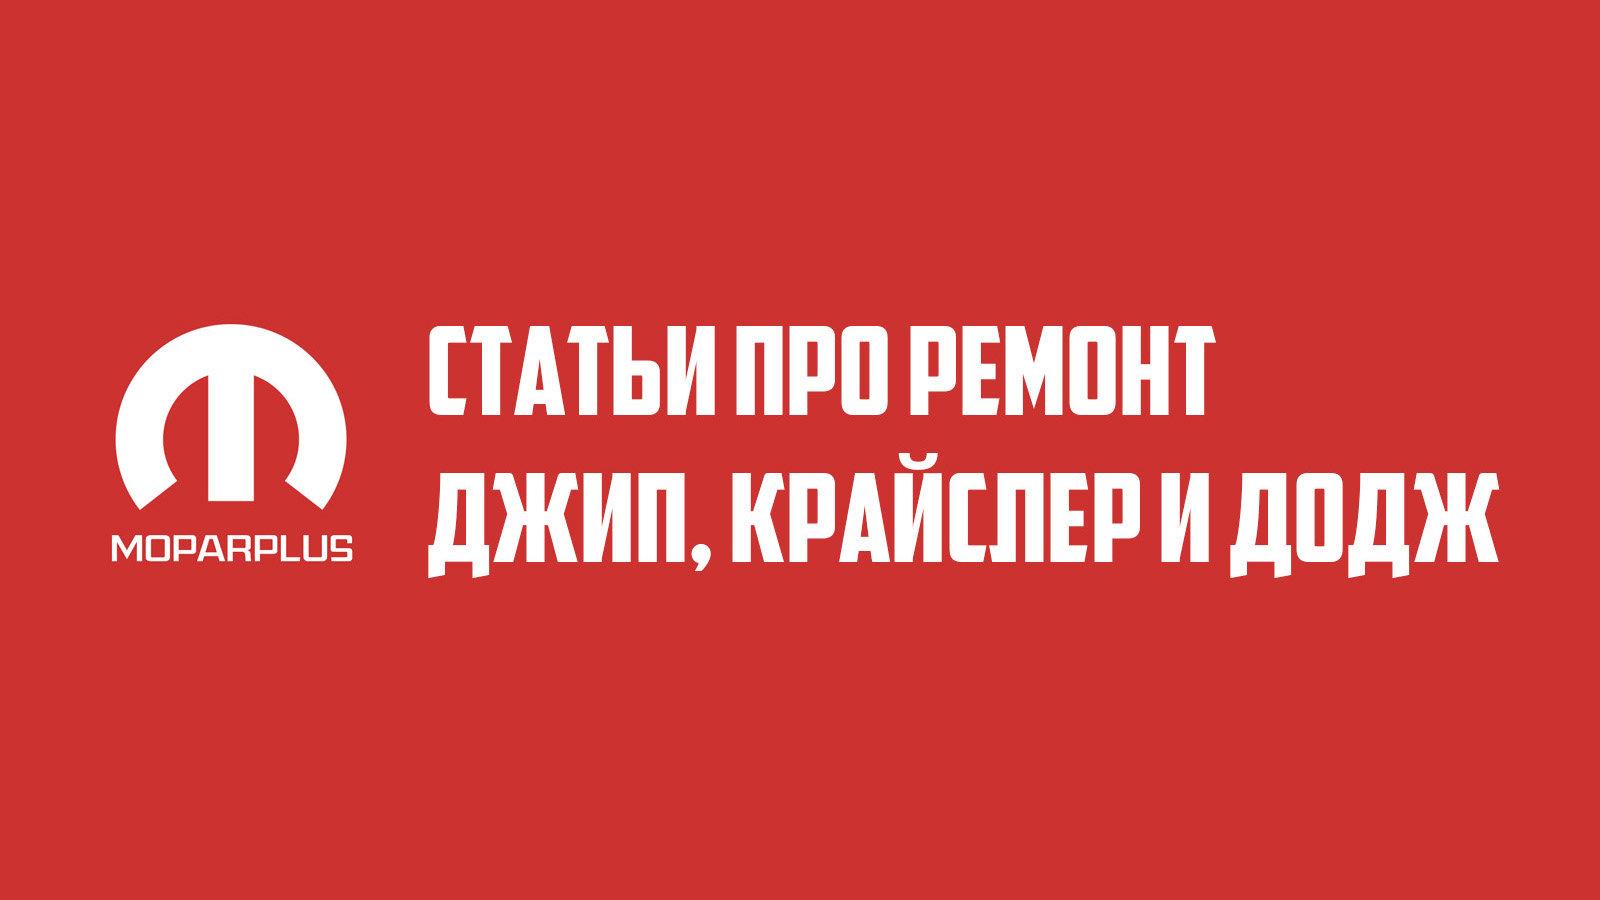 Статьи про ремонт. Выпуск №23.